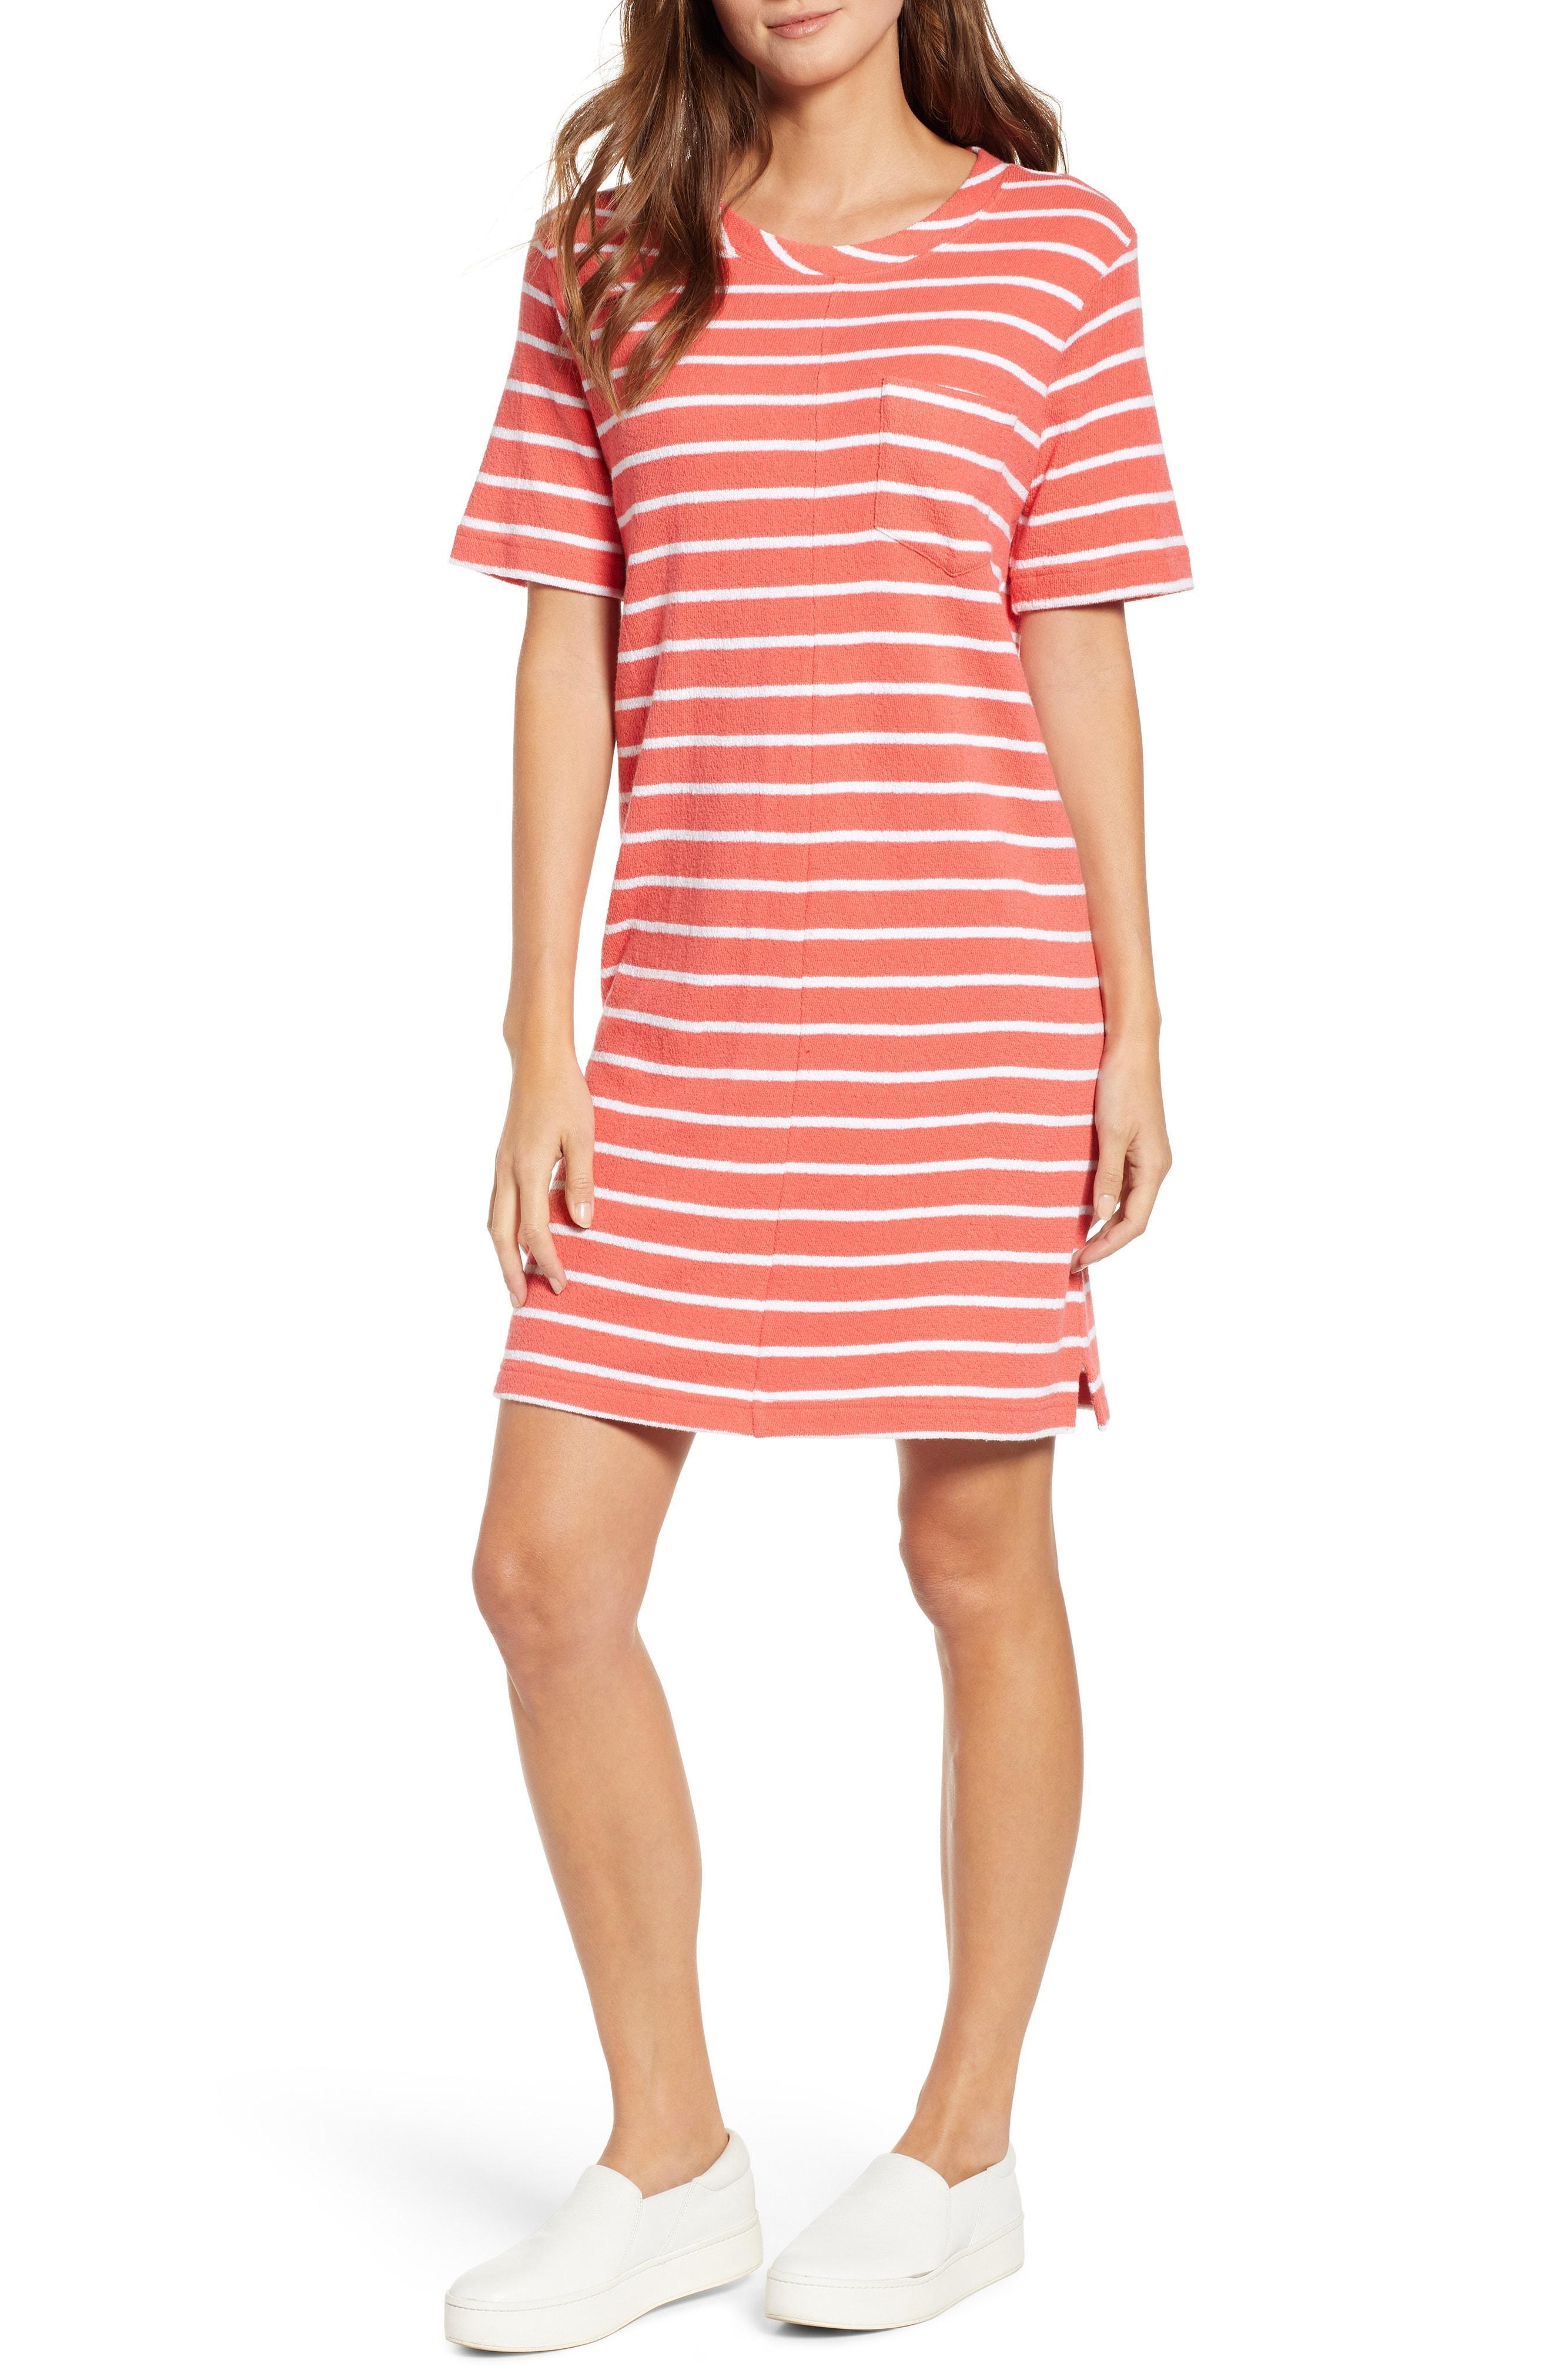 bcf41752e63 Lyst - Caslon Caslon T-shirt Dress in Red